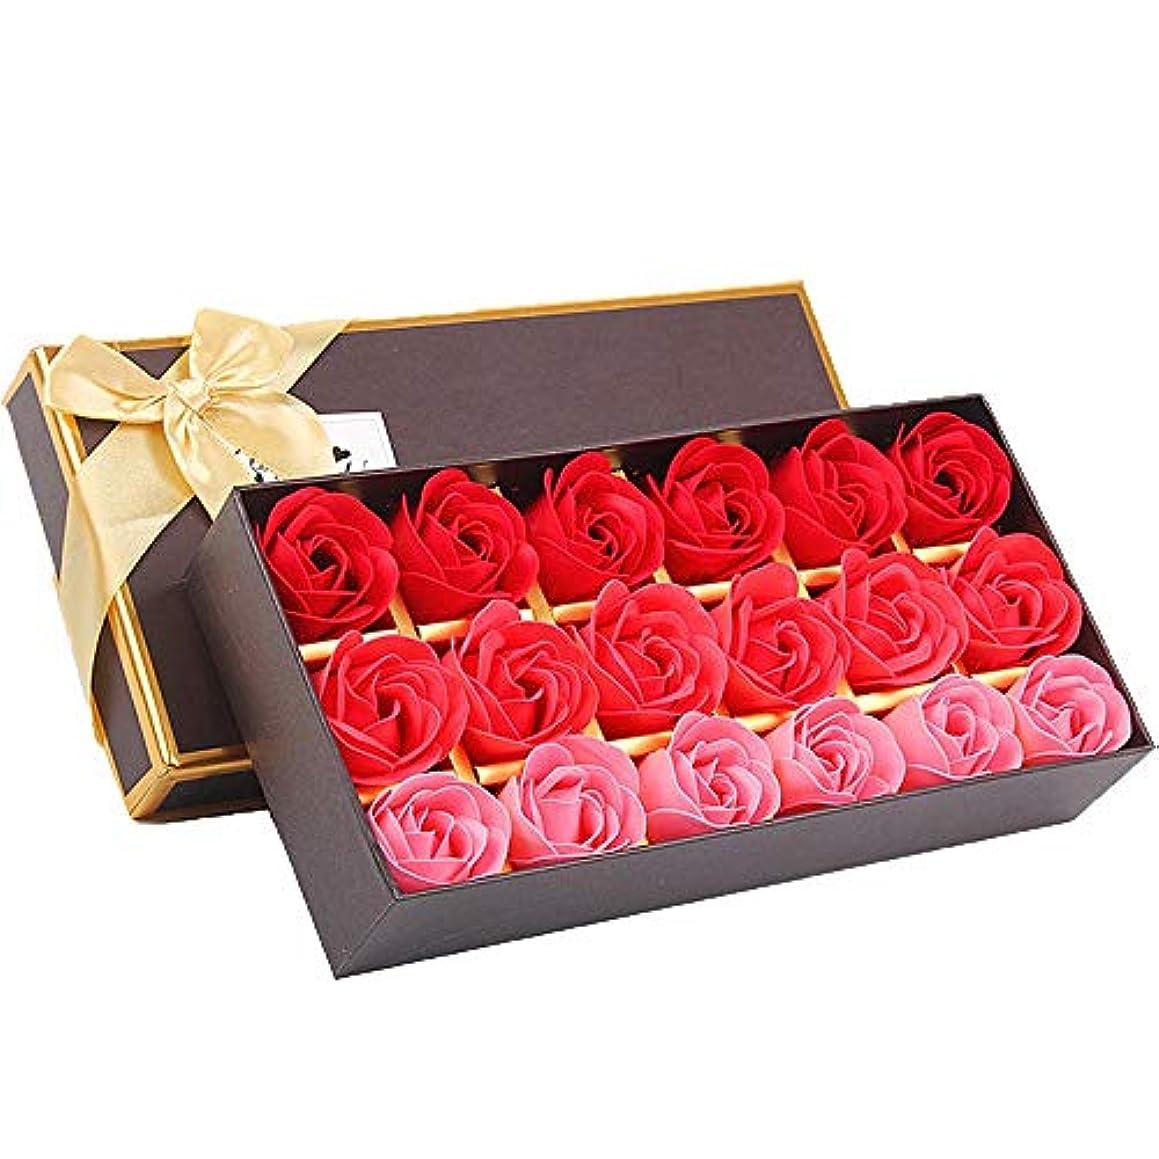 食用島酔って18個の手作りのローズの香りのバスソープの花びら香りのバスソープは、ギフトボックスの花びらをバラ (色 : 赤)